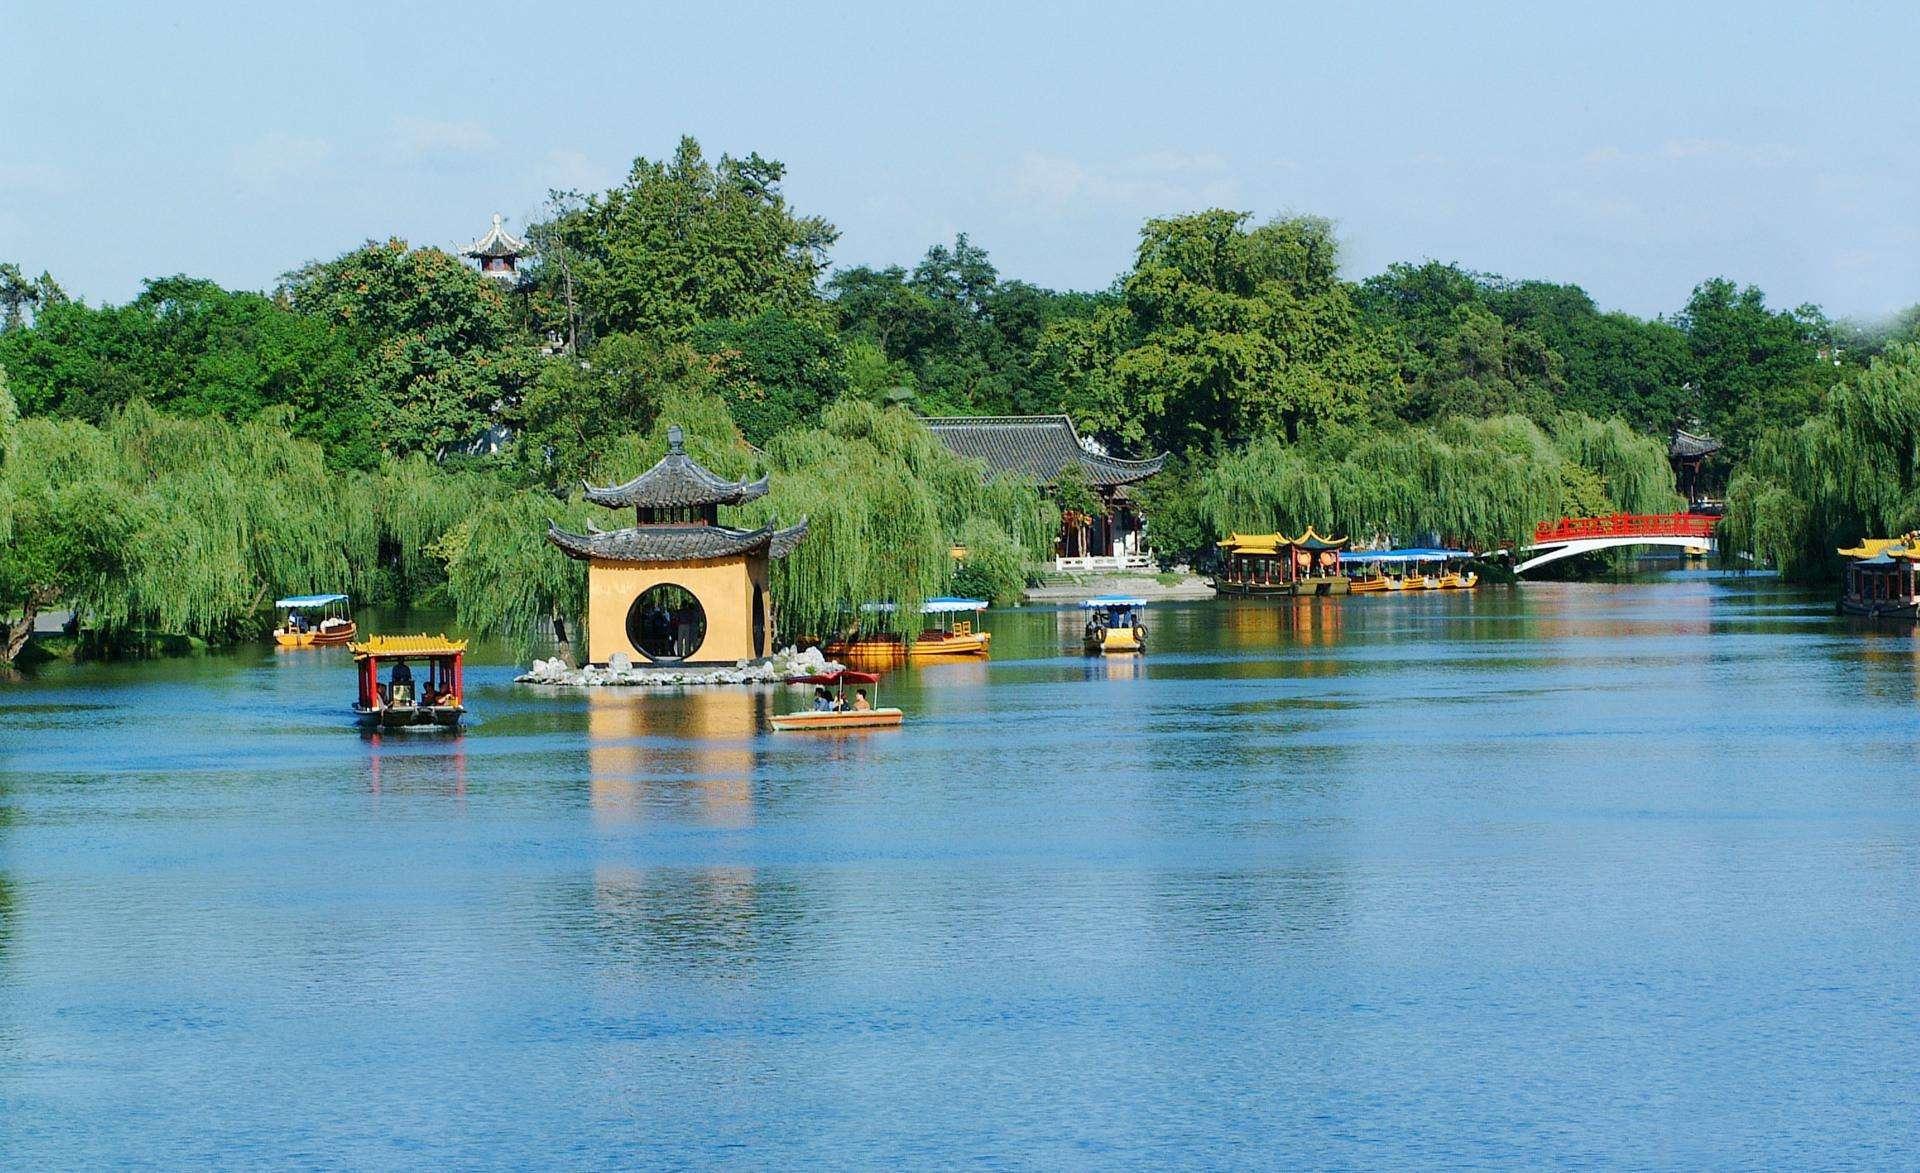 扬州旅游 扬州游攻略 最新扬州旅游攻略 资讯 景点 线路 北青旅